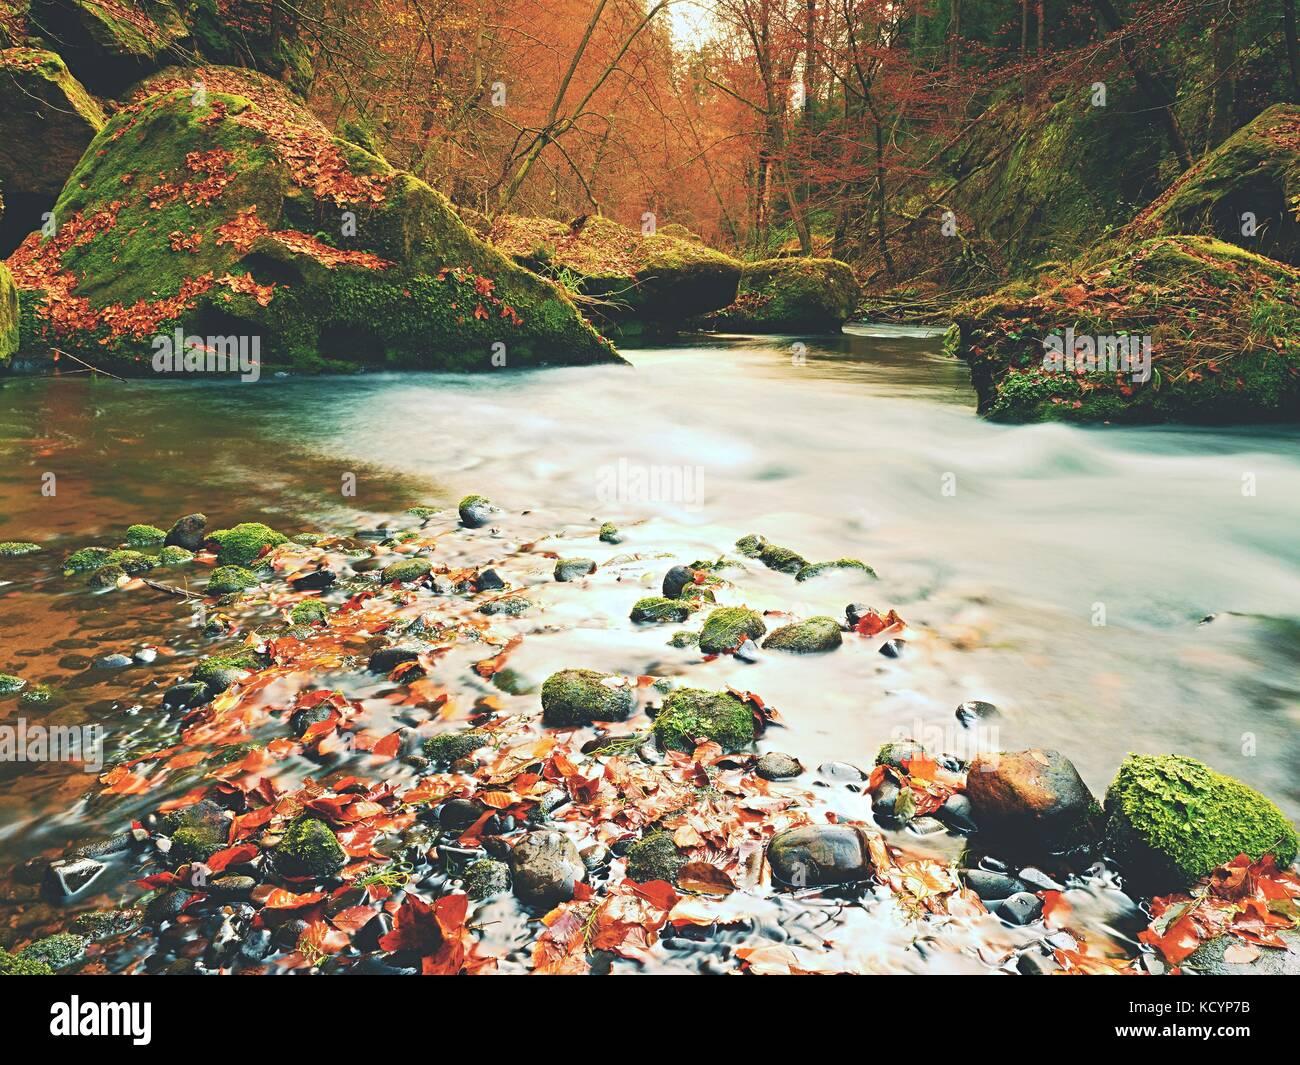 Banque de Stony Mountain river automne couvertes par Orange feuilles de hêtre frais feuilles colorées. Photo Stock